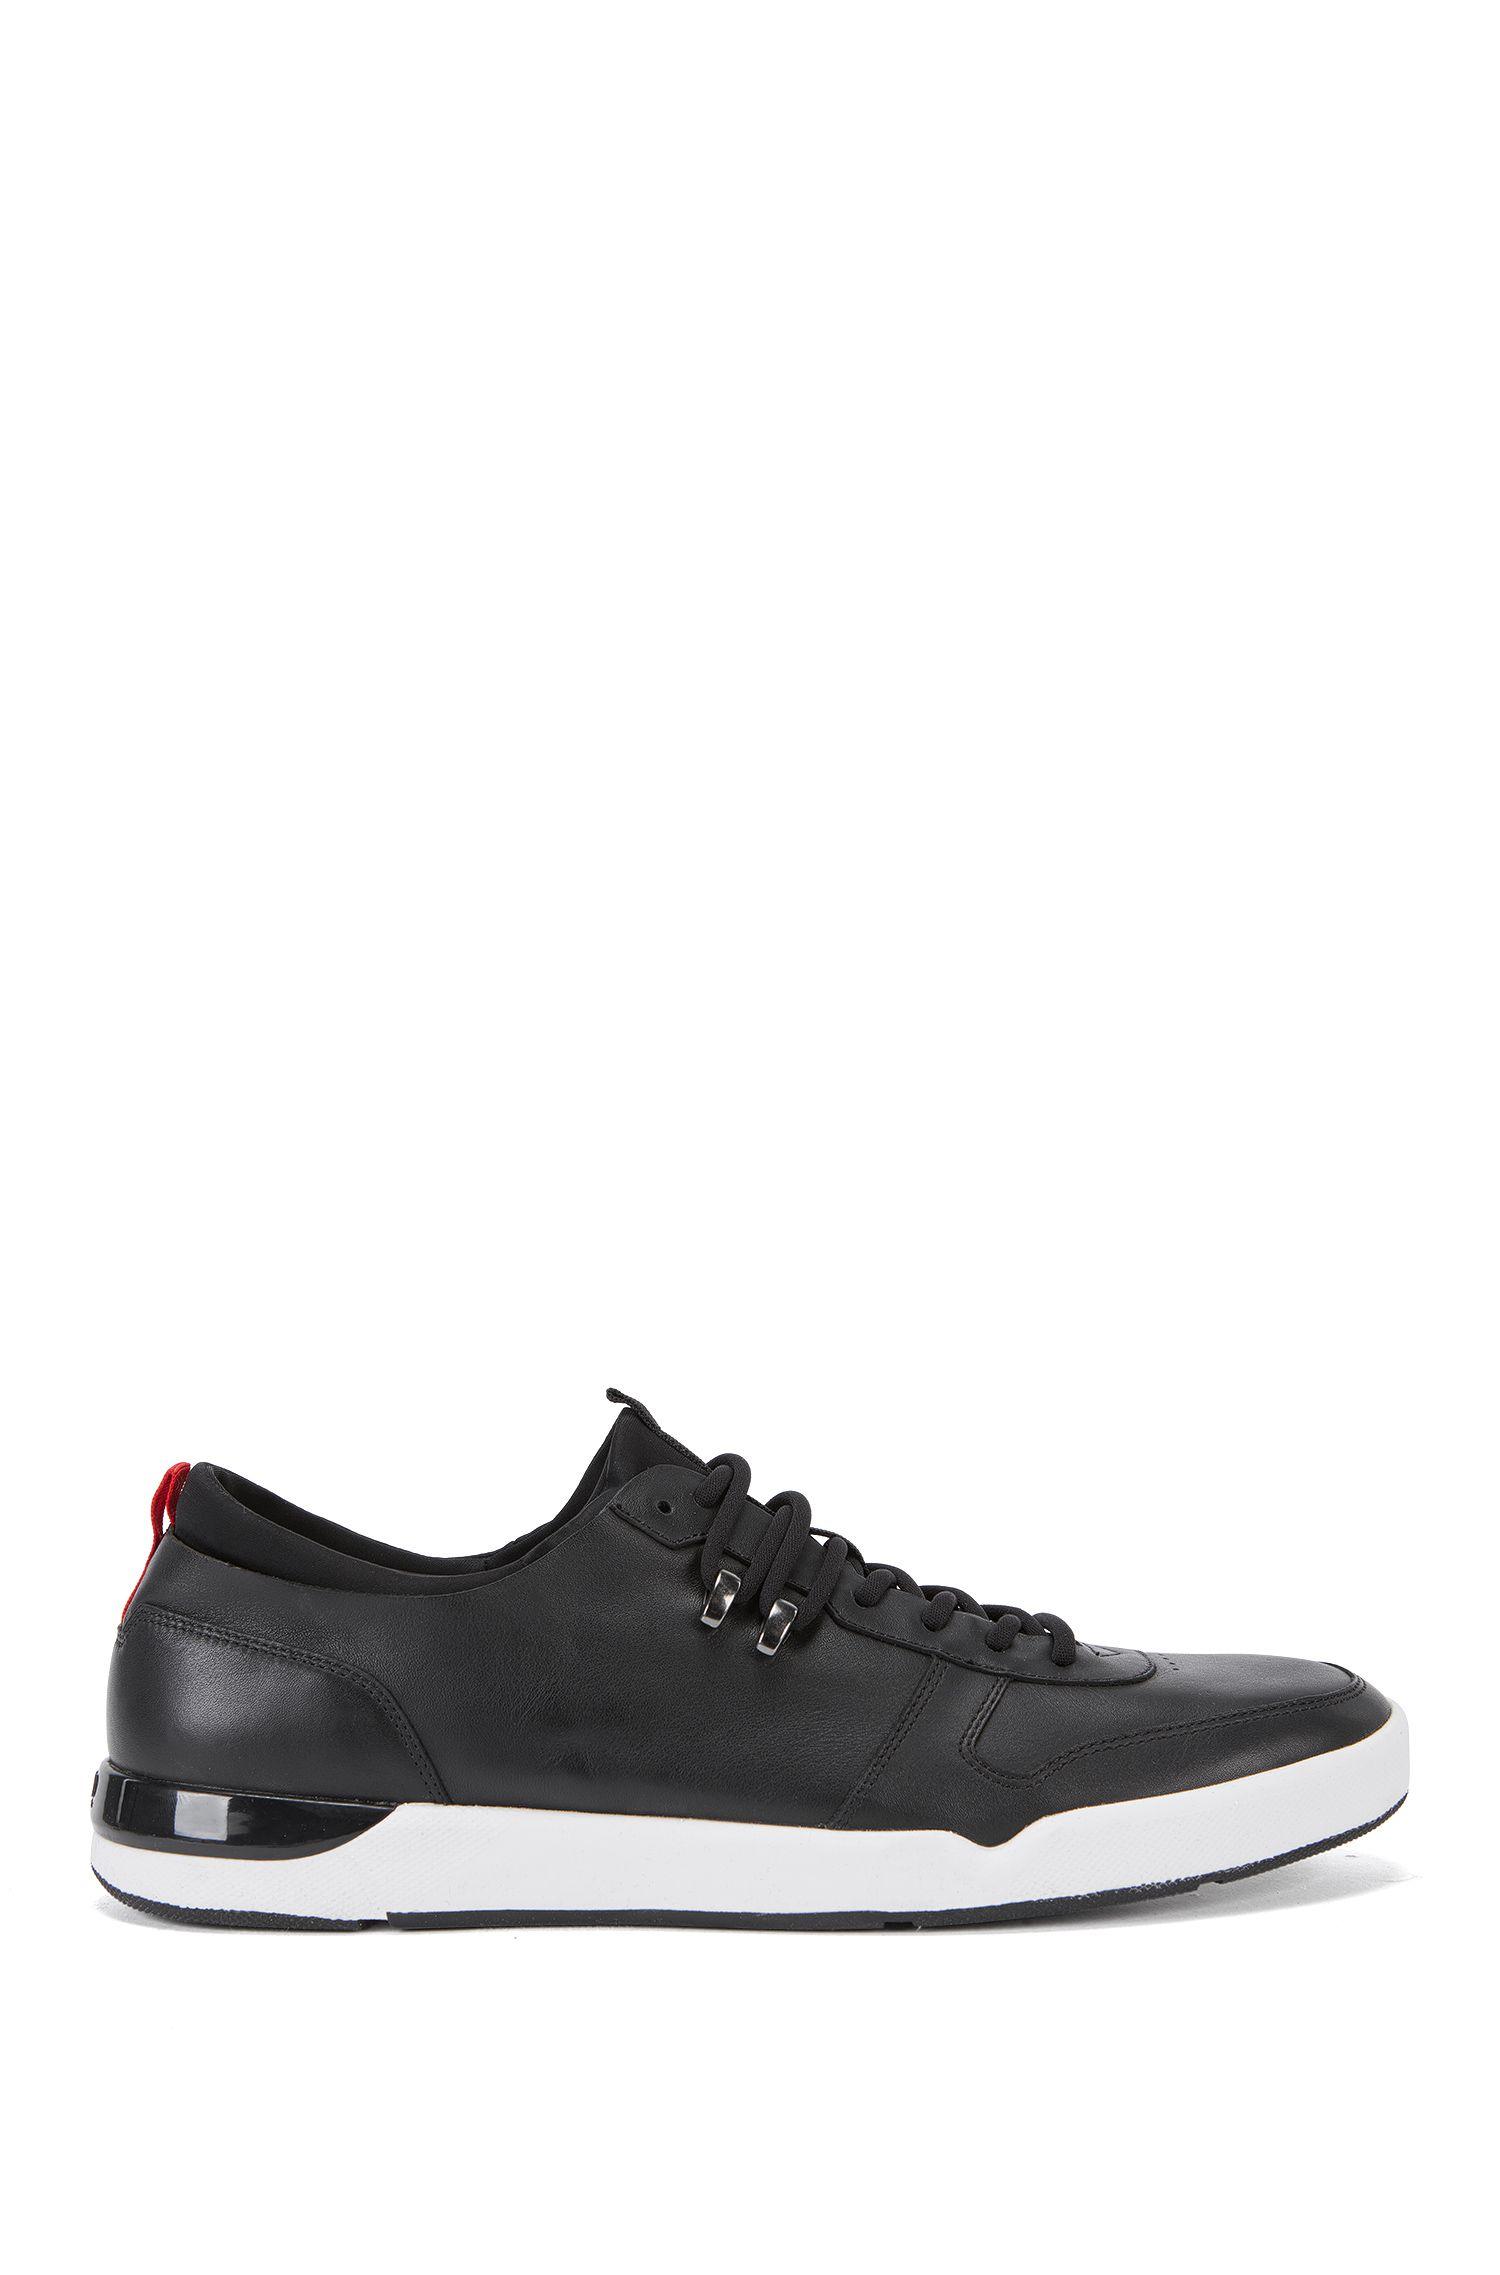 Sneakers aus Nappaleder mit Naht-Details